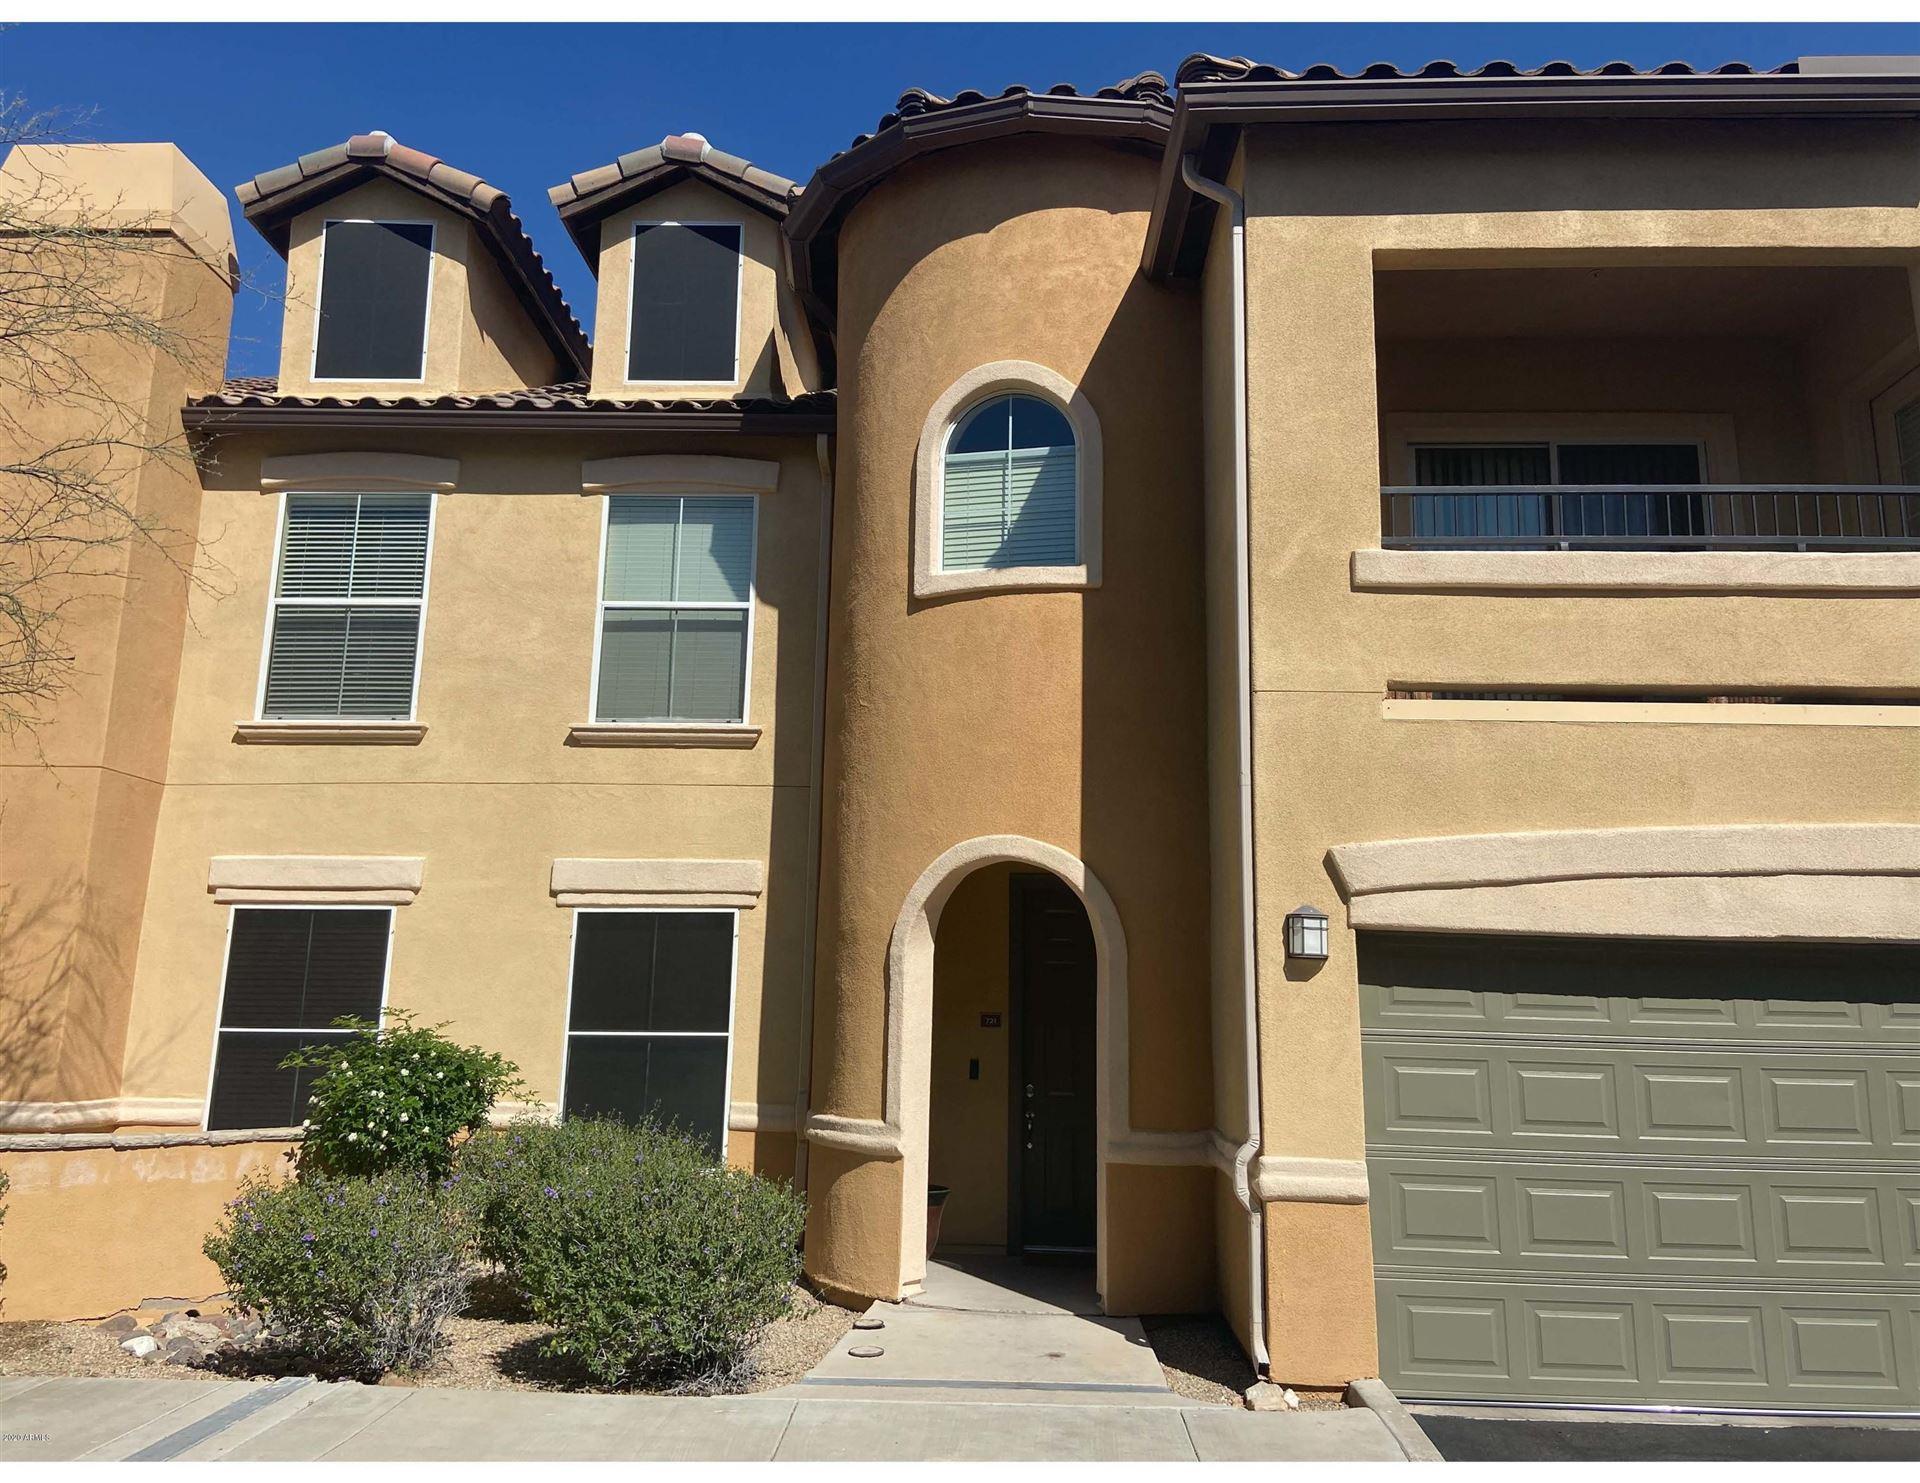 14575 W MOUNTAIN VIEW Boulevard #721, Surprise, AZ 85374 - MLS#: 6066484